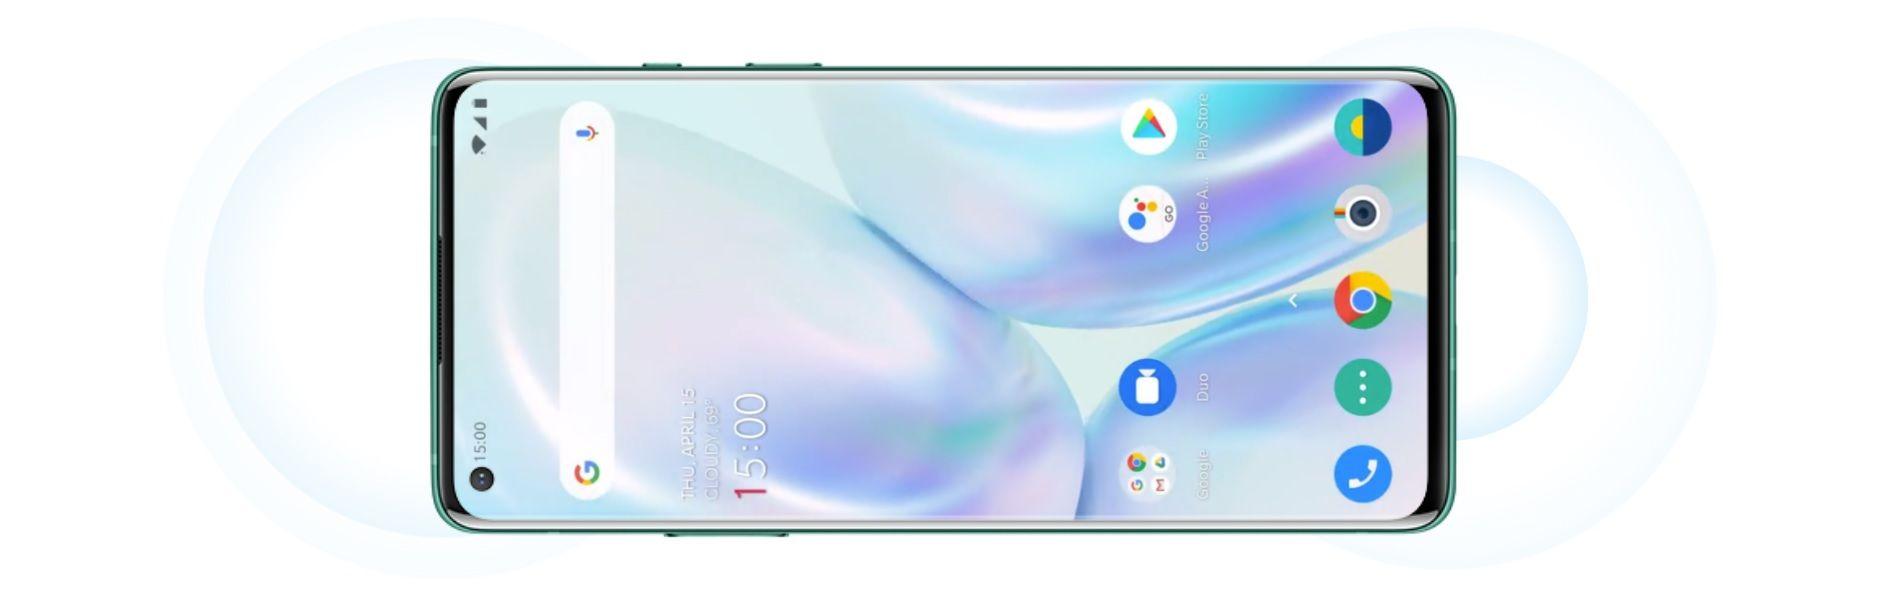 OnePlus 8 5G 12/256 Go Interstellar Glow image 6 | Rakuten